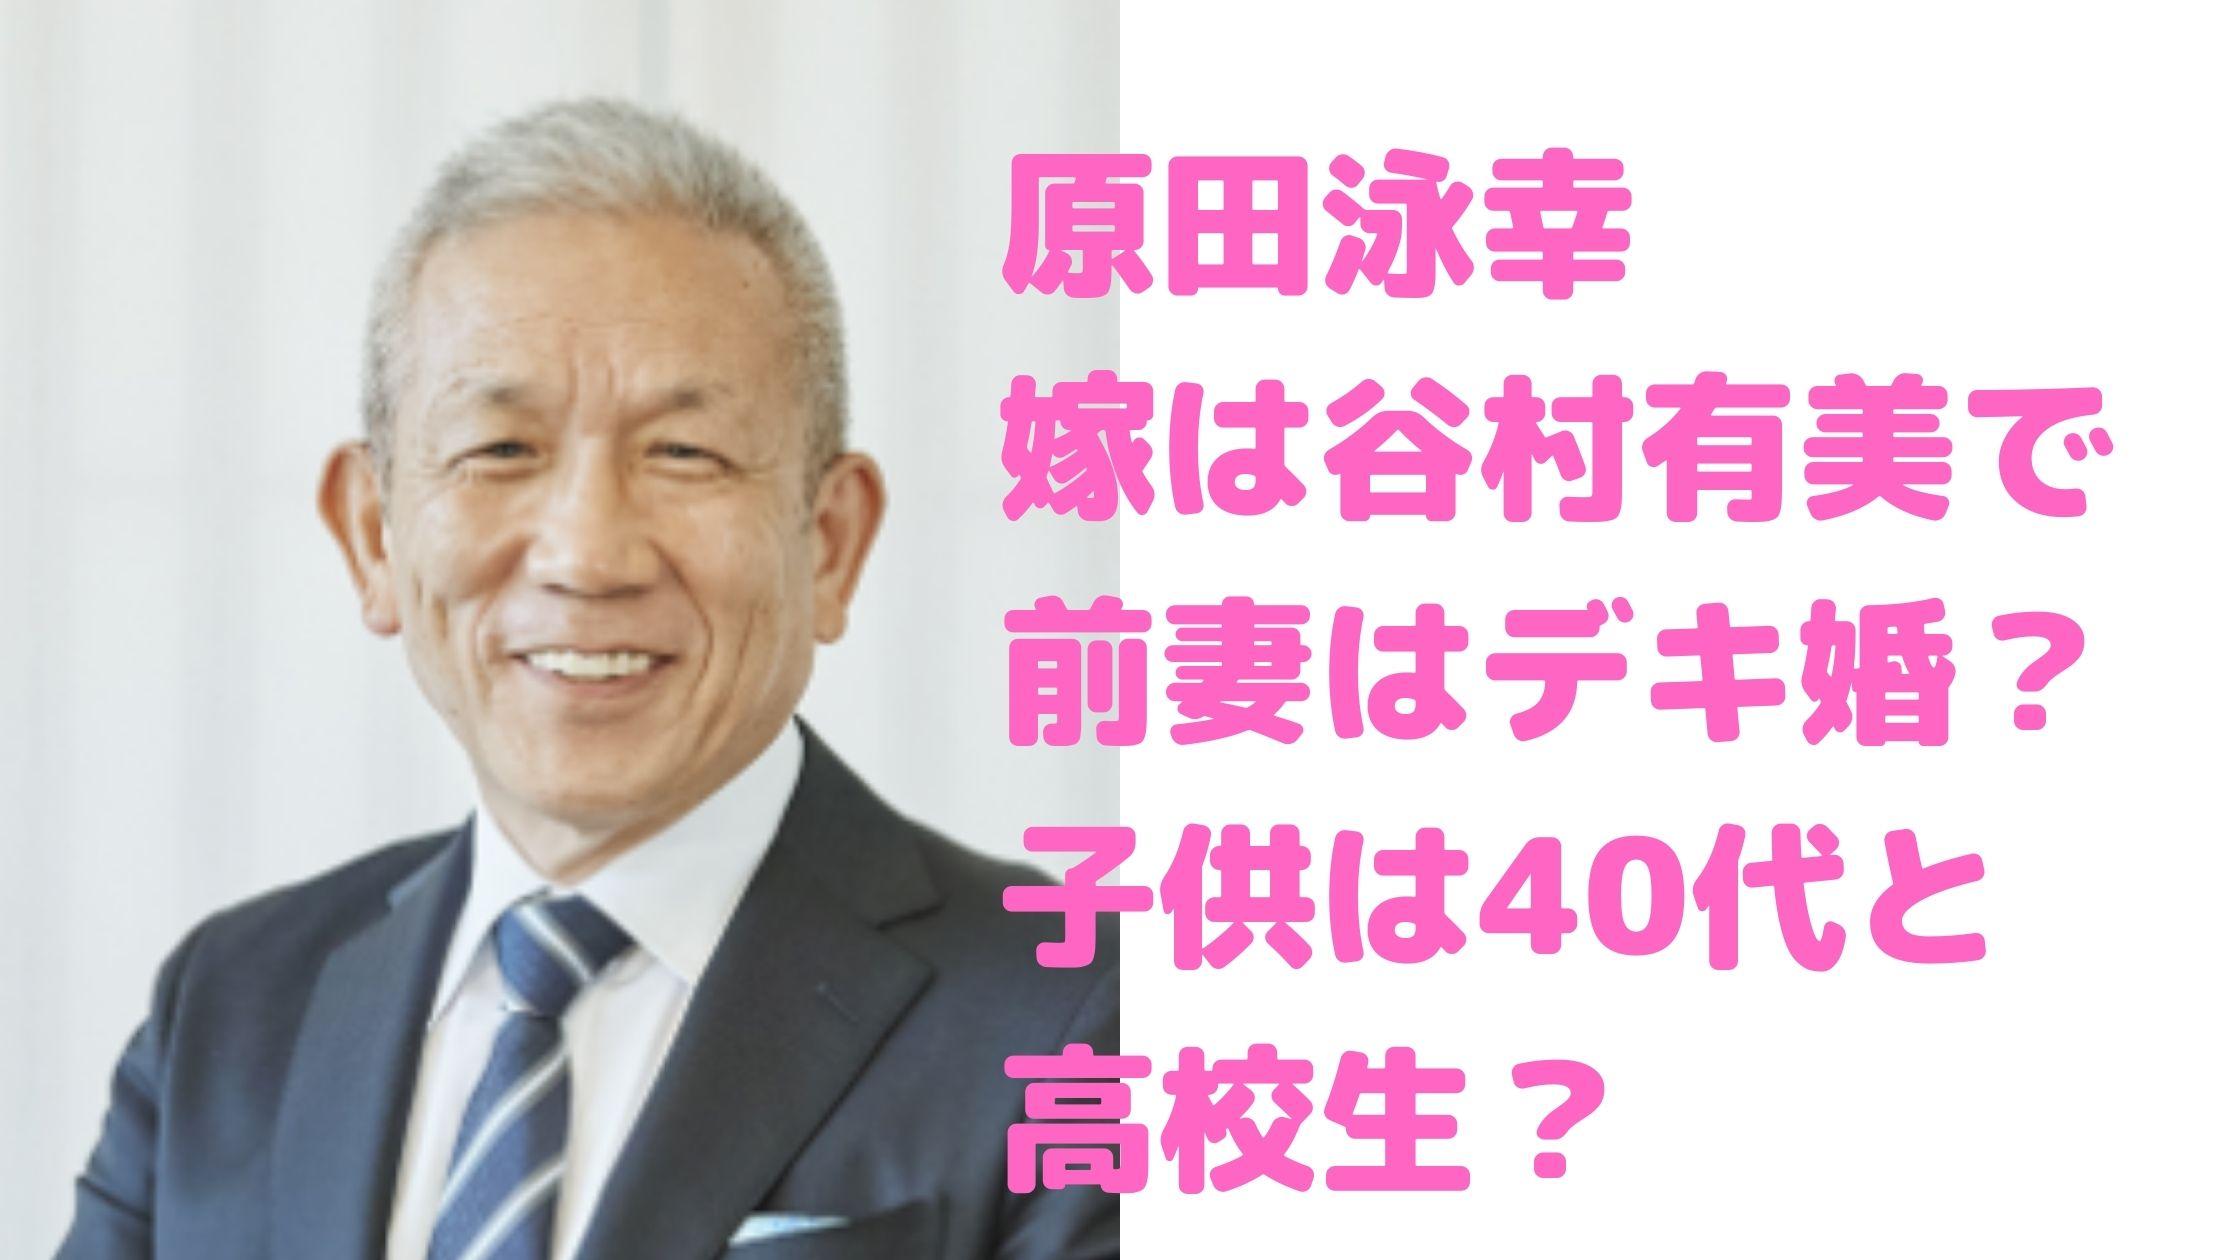 原田泳幸 嫁 谷村有美 前妻 馴れ初め デキ婚 DV 離婚理由 子供 年齢 性別 息子